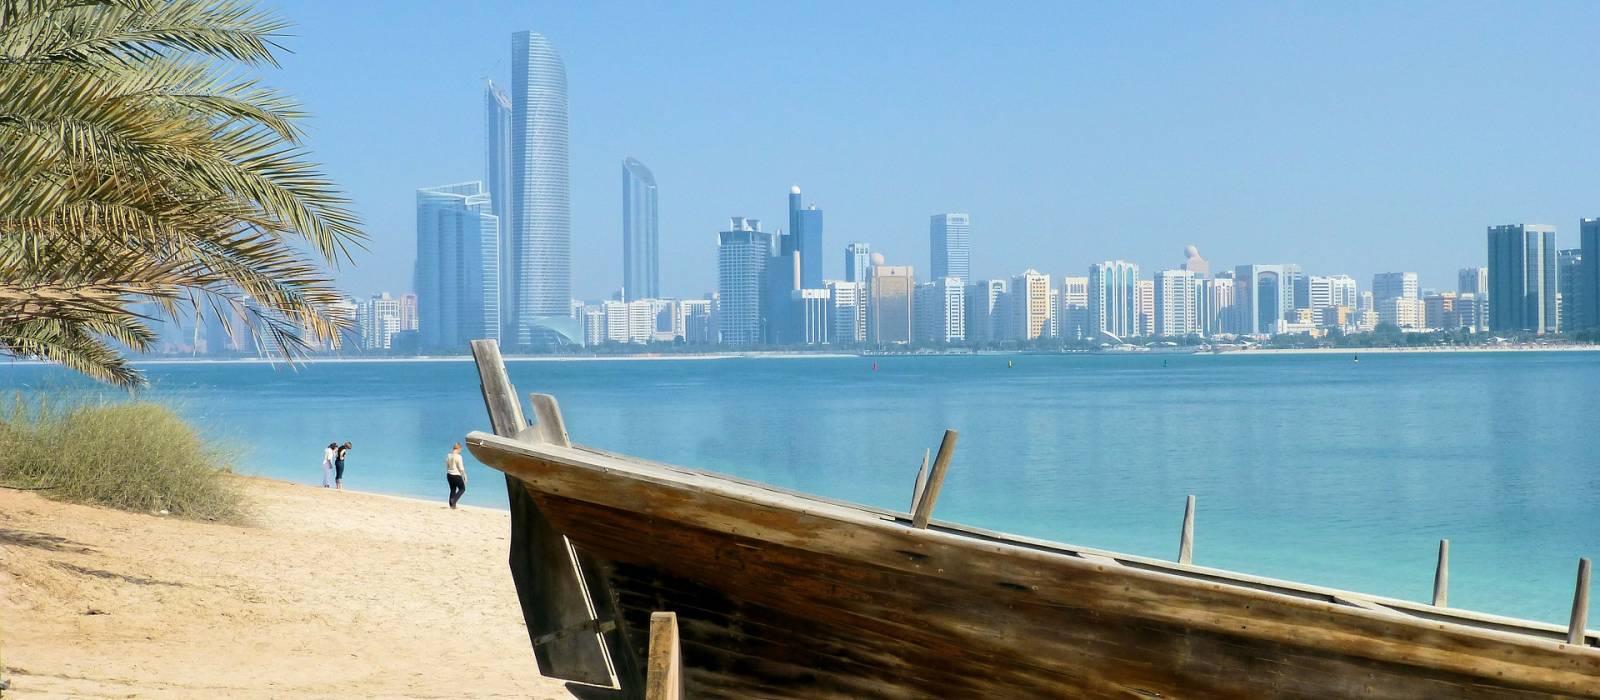 Dubai and Maldives: The Golden Sands Tour Trip 1